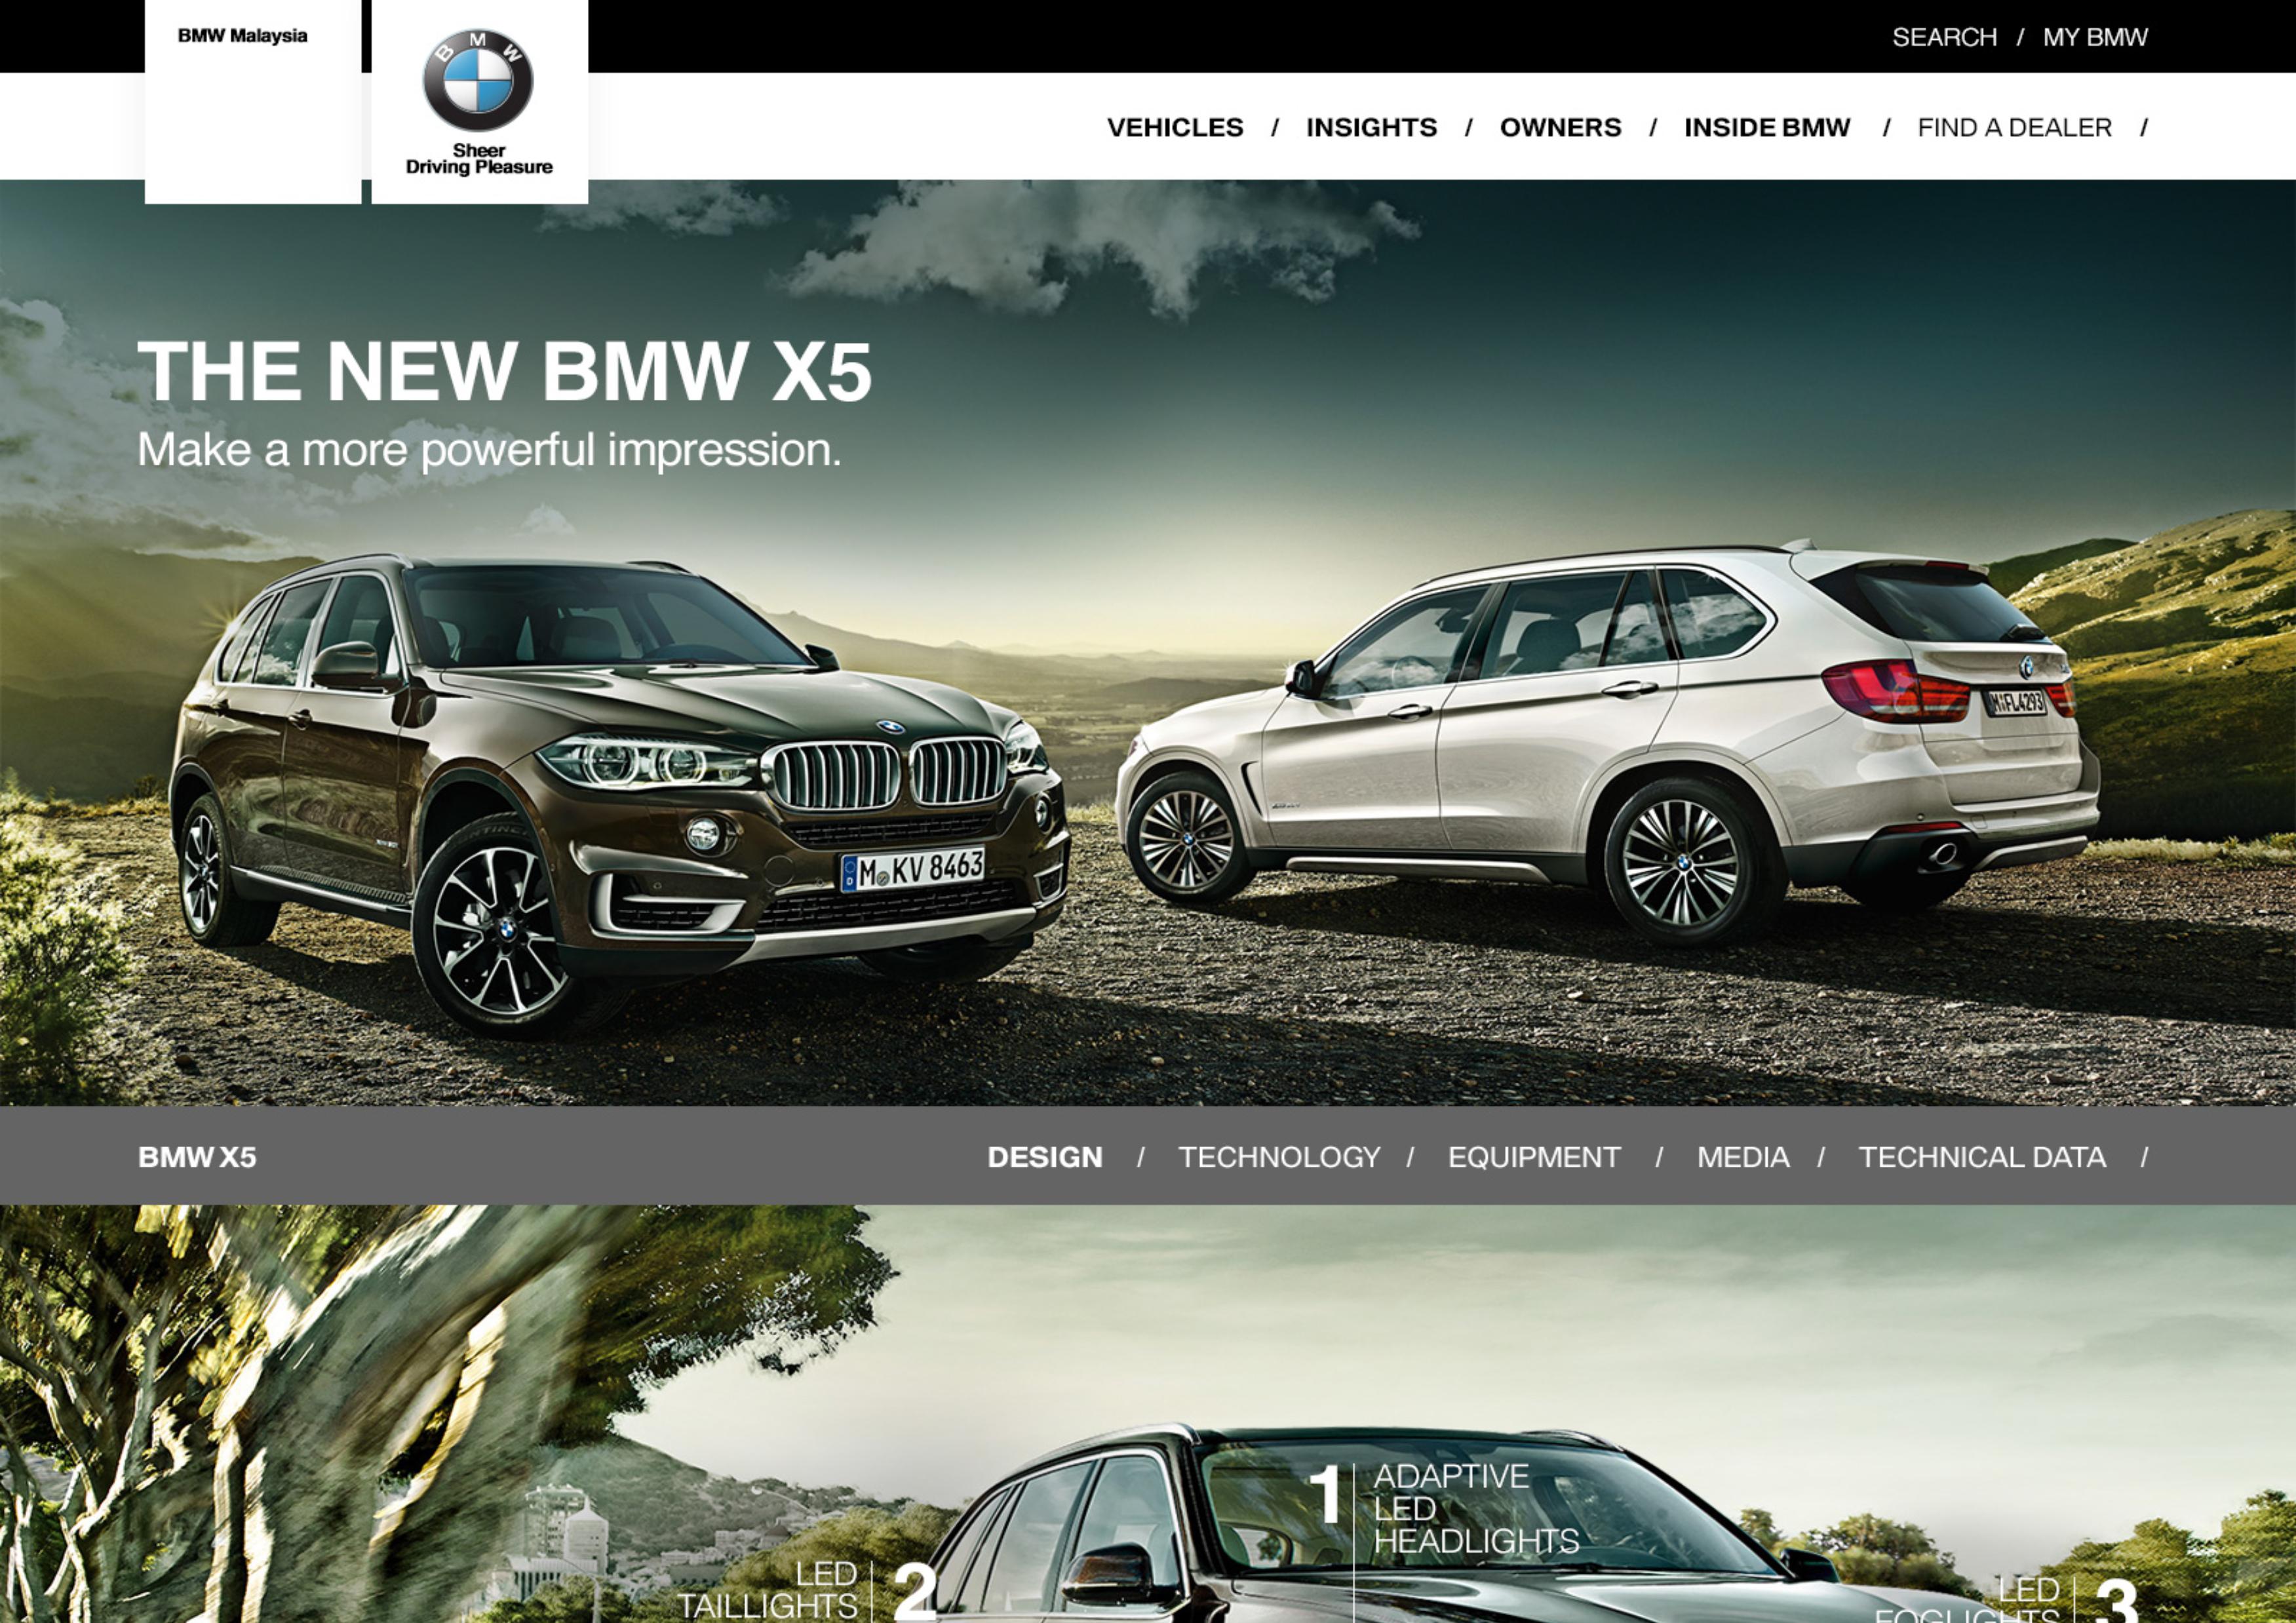 BMW MALAYSIA